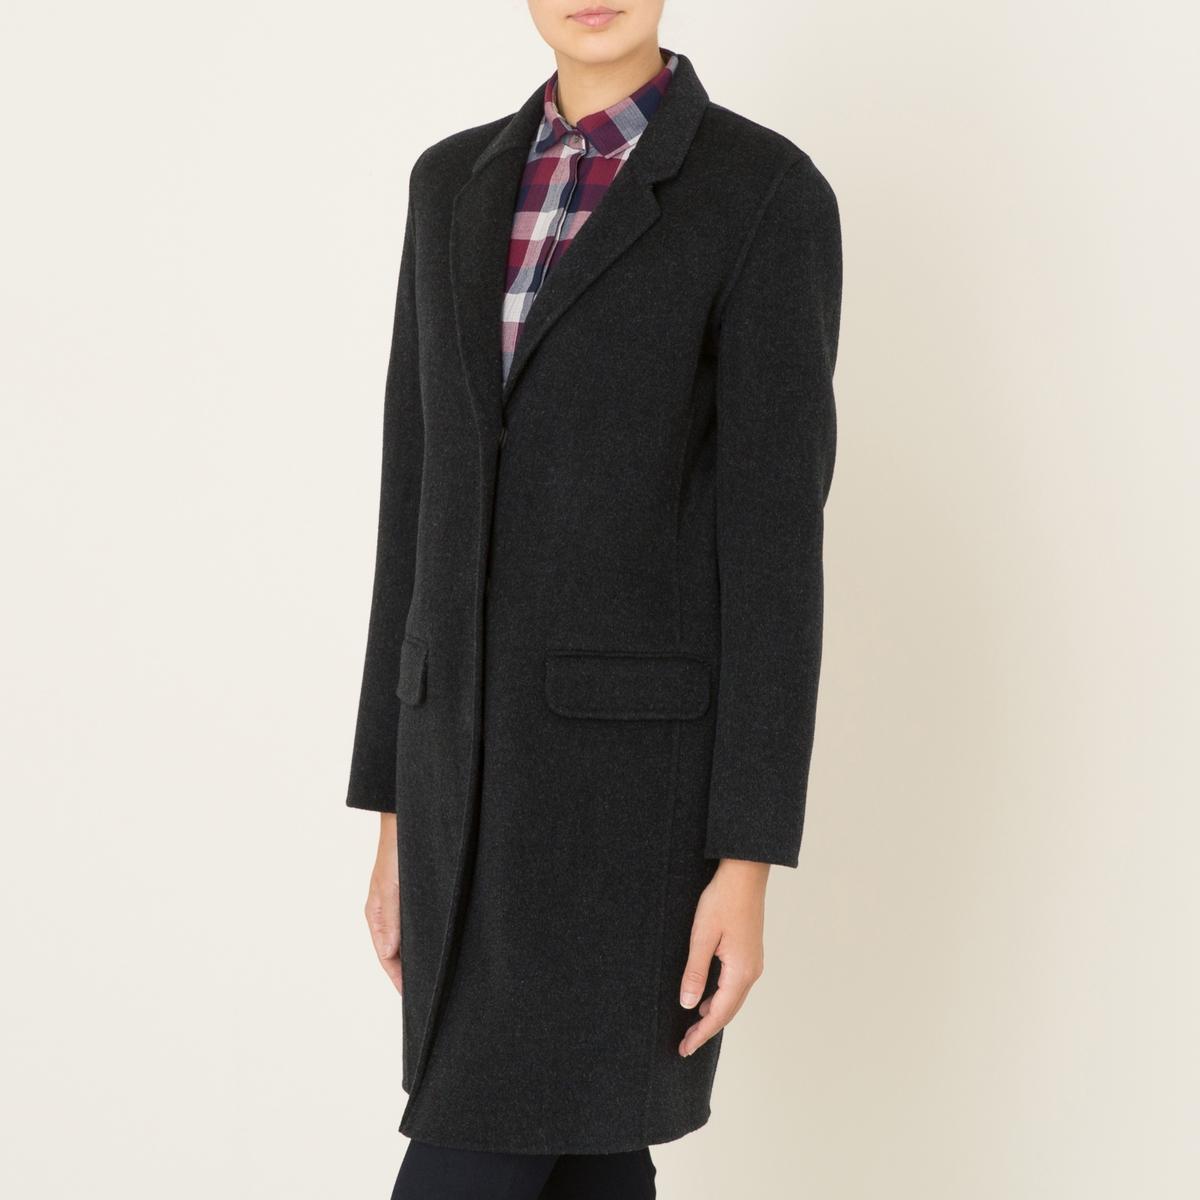 Пальто длинное женское VEGASДлинное пальто HARTFORD, модель VEGAS. Из шерстяного драпа. Костюмный воротник. Длинные рукава. Застежка на 3 кнопки. 2 кармана с клапанами. Щлица сзади для большего удобства. Объемный покрой. Состав и описаниеМатериал : 80% шерсти, 20% полиэстера Марка : HARTFORD<br><br>Цвет: антрацит